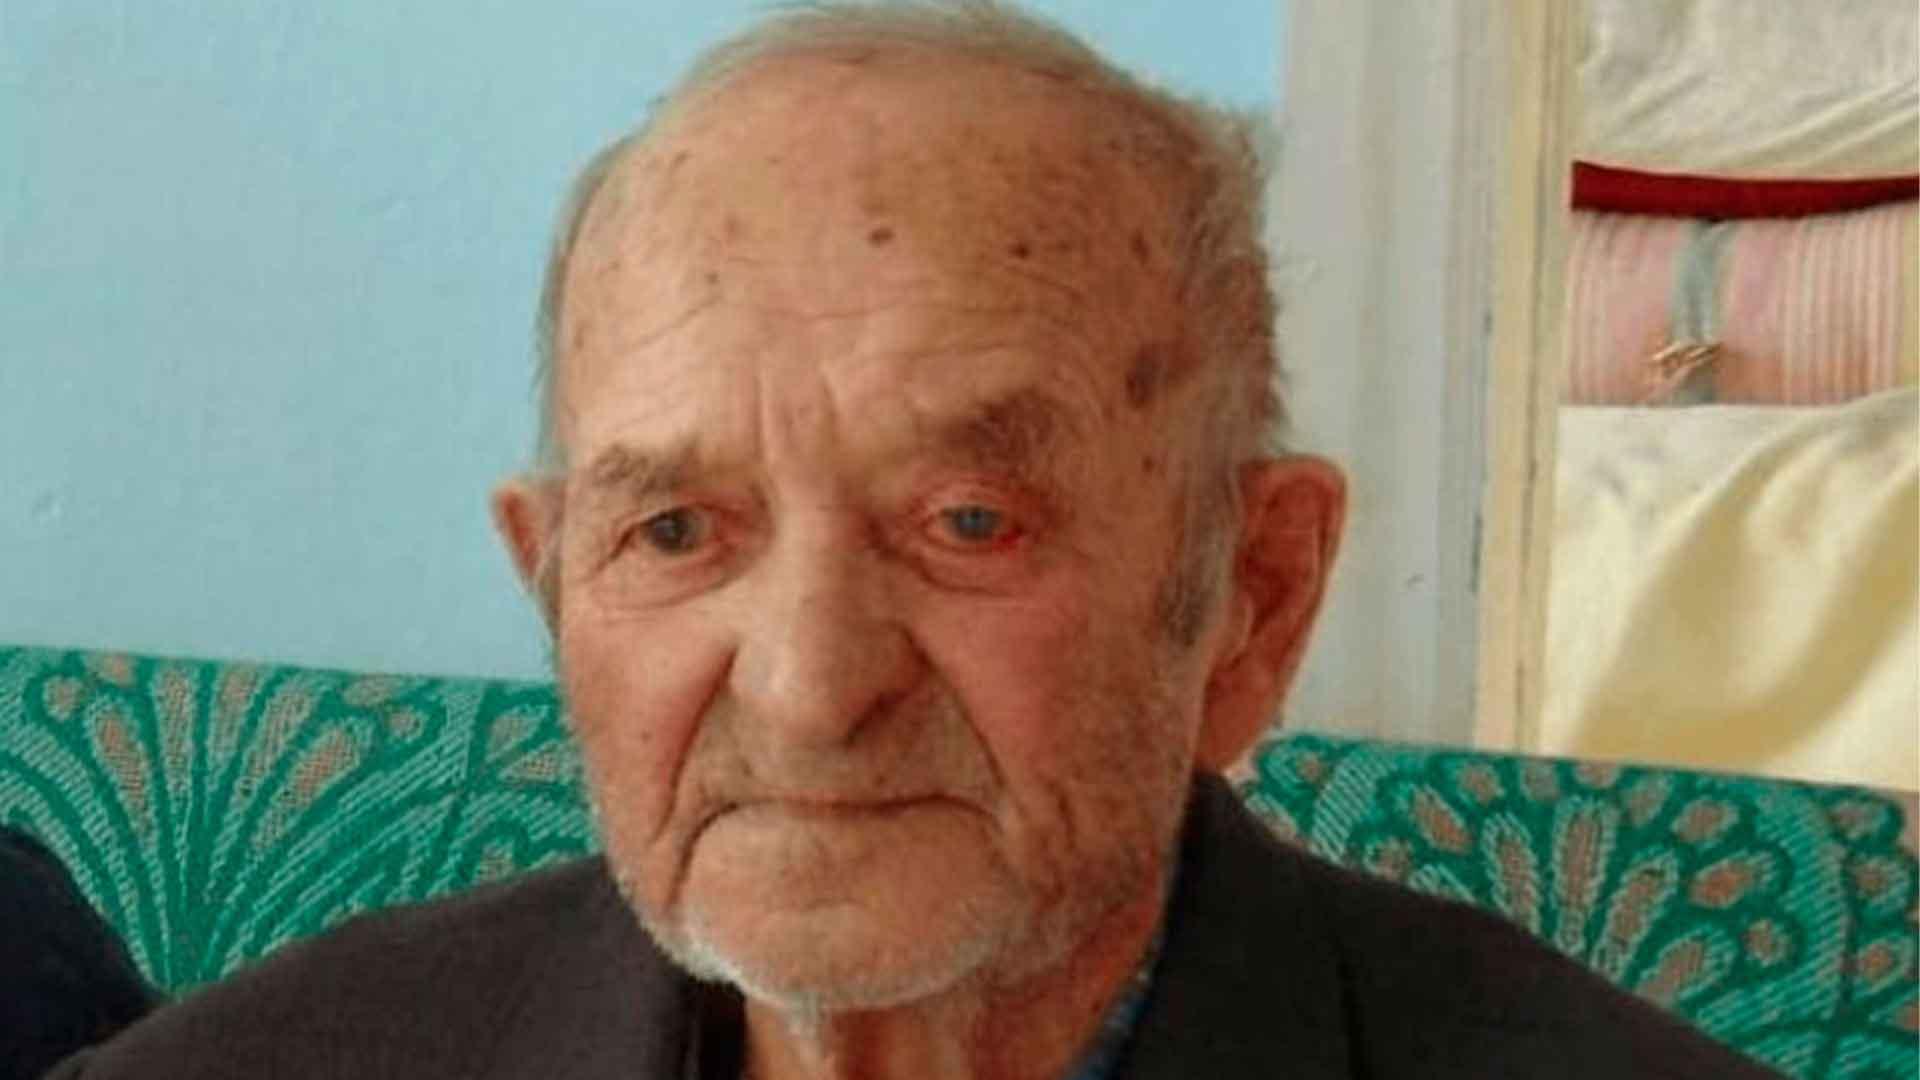 Грабители ворвались в дом к одинокому старику, пытали его, а потом убили Иван Несмеянов